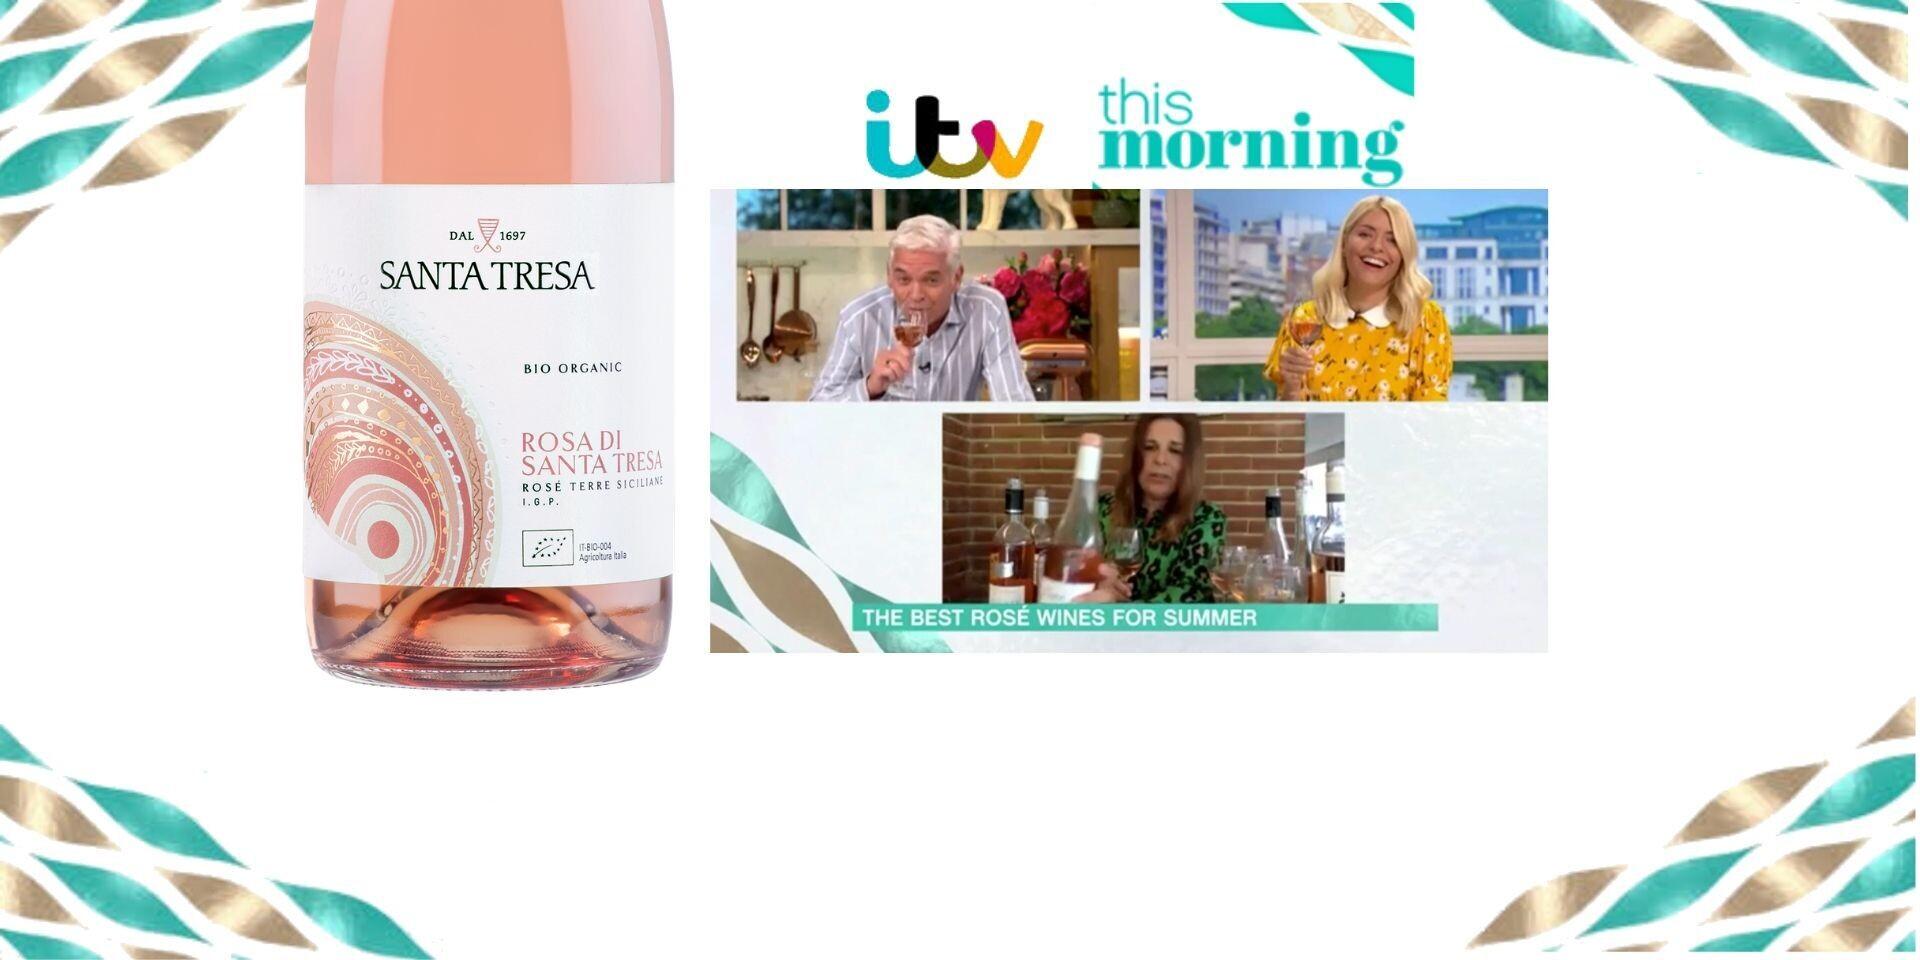 Rosa di Santa Tresa diventa una Star televisiva sulla TV britannica!